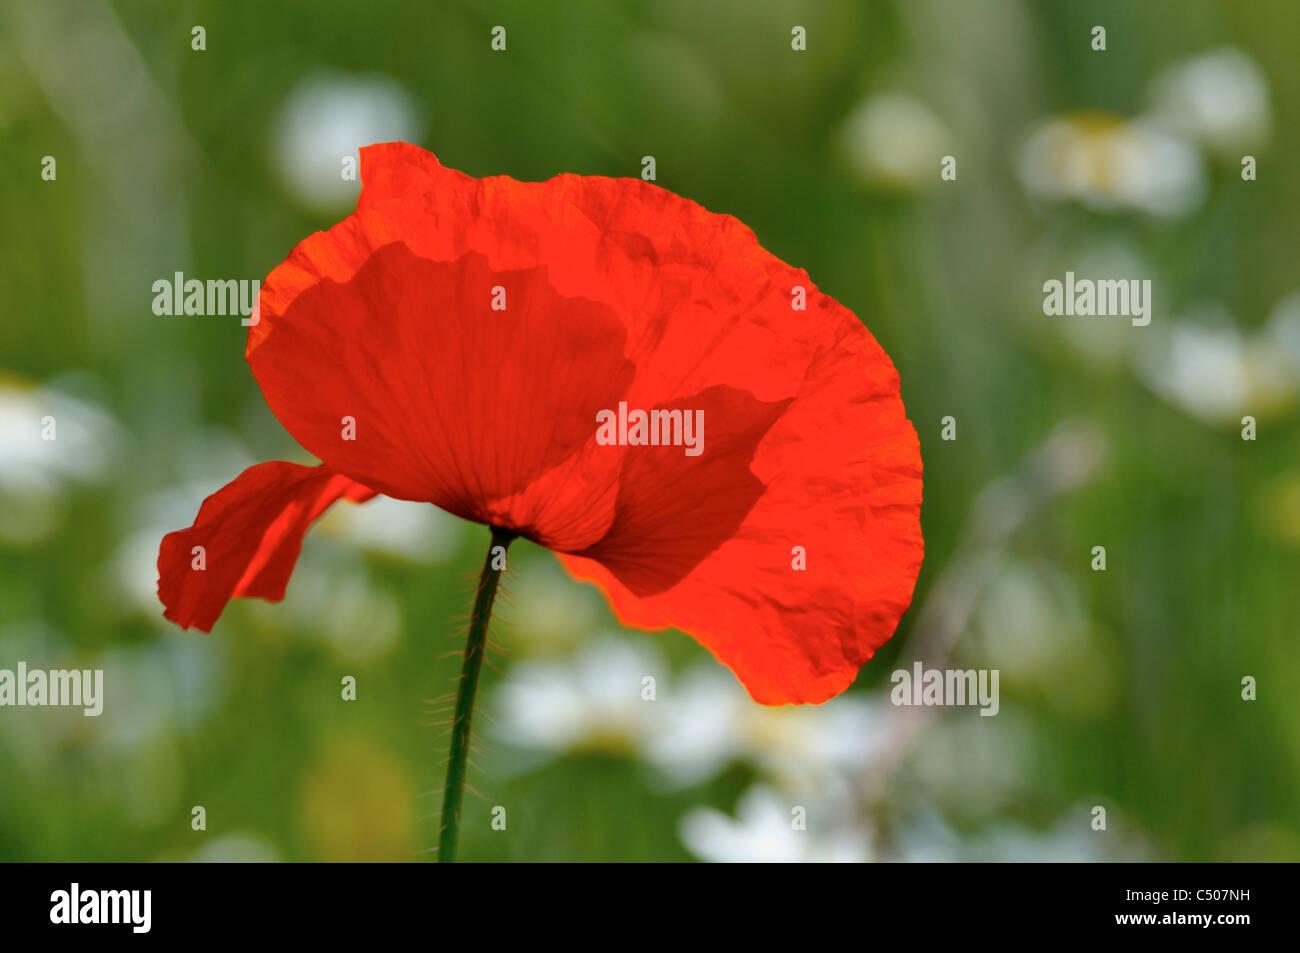 Blume der rote Mohn mit einem weichen Hintergrund. Stockbild